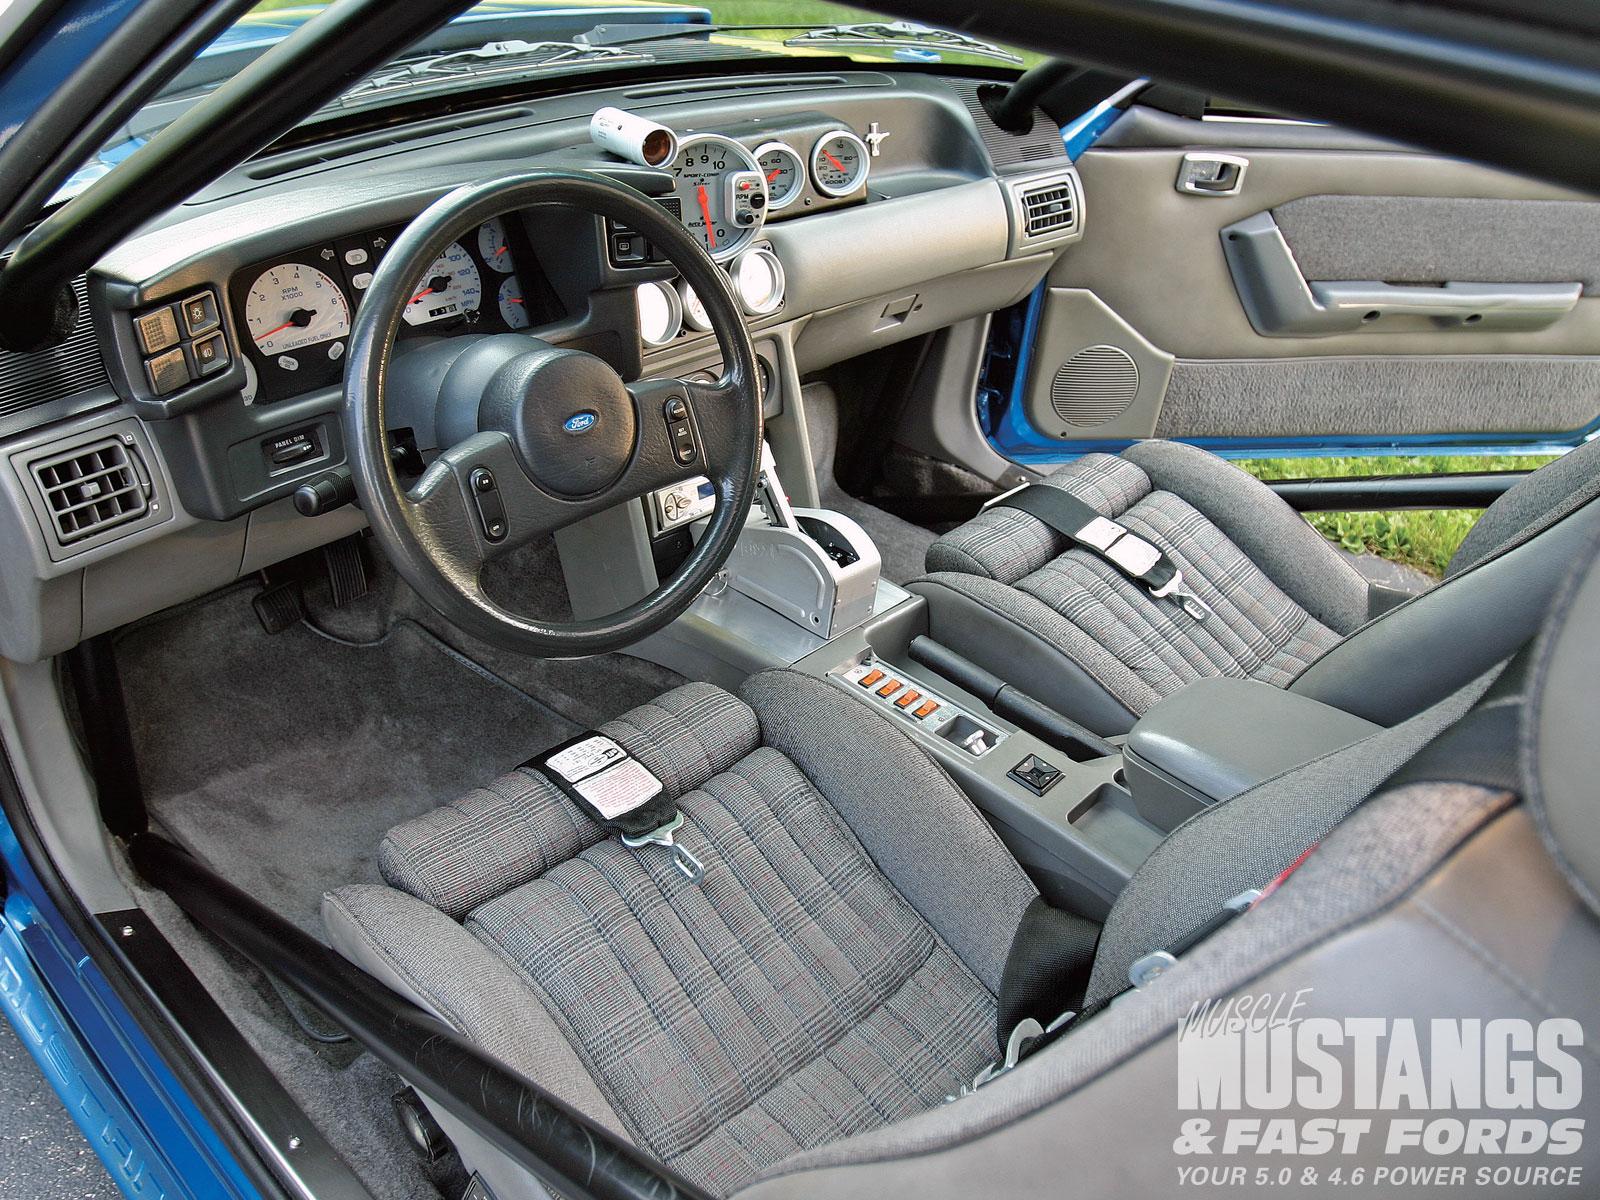 1989 Mustang Black Interior